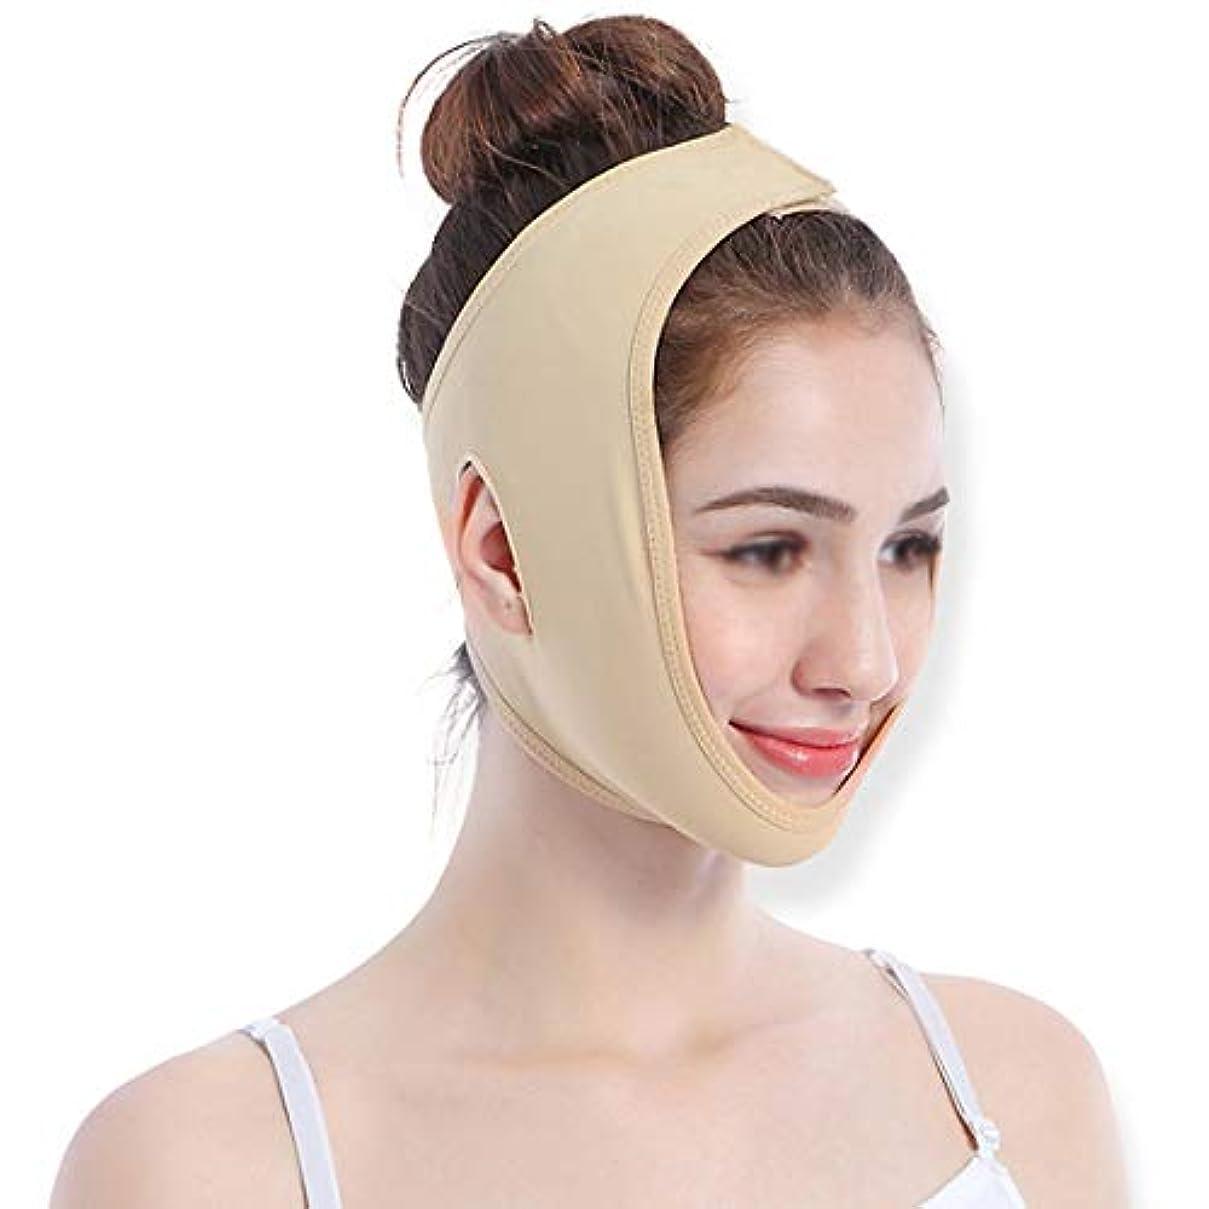 契約した警察追放するZWBD フェイスマスク, 減量の包帯の男性と女性を削除するフェイスリフティングアーティファクト二重あごフェイスリフトアーティファクトVフェイスマスク楽器包帯